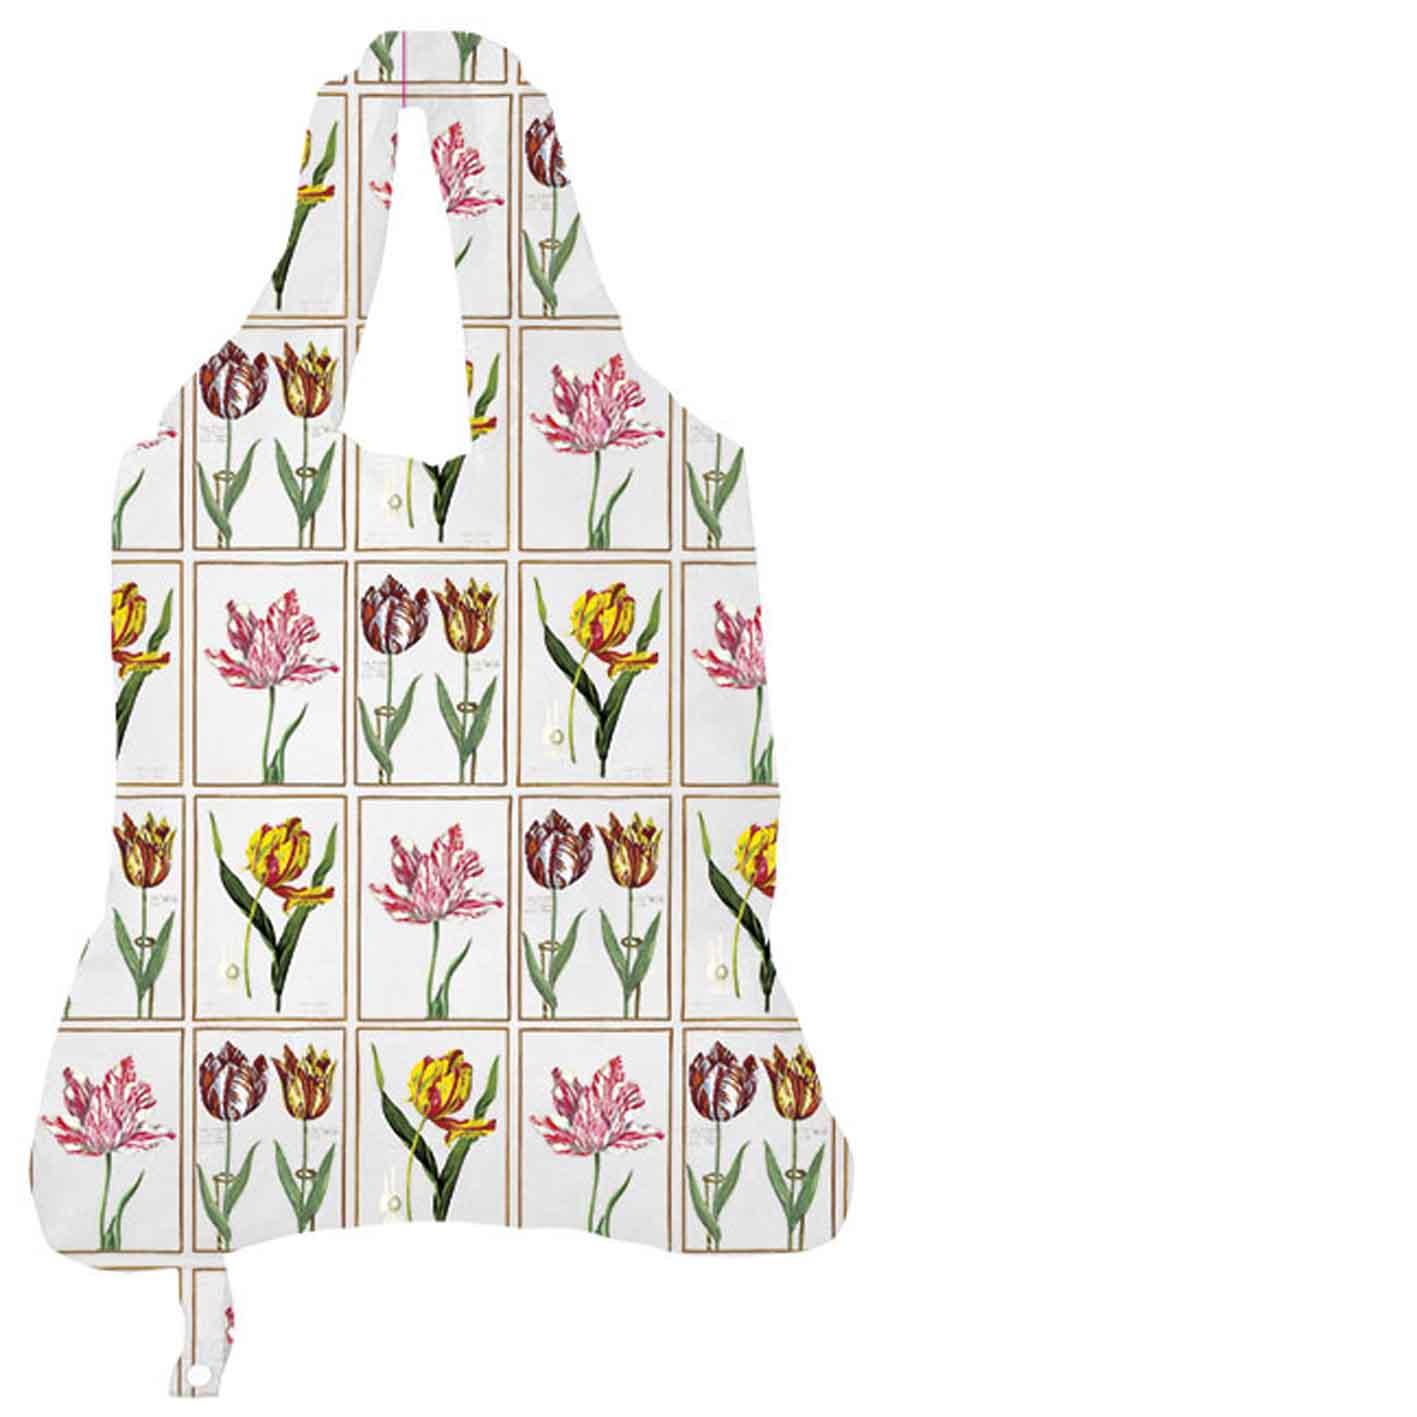 Rannenberg Einkaufsbeutel 'historische Tulpen'